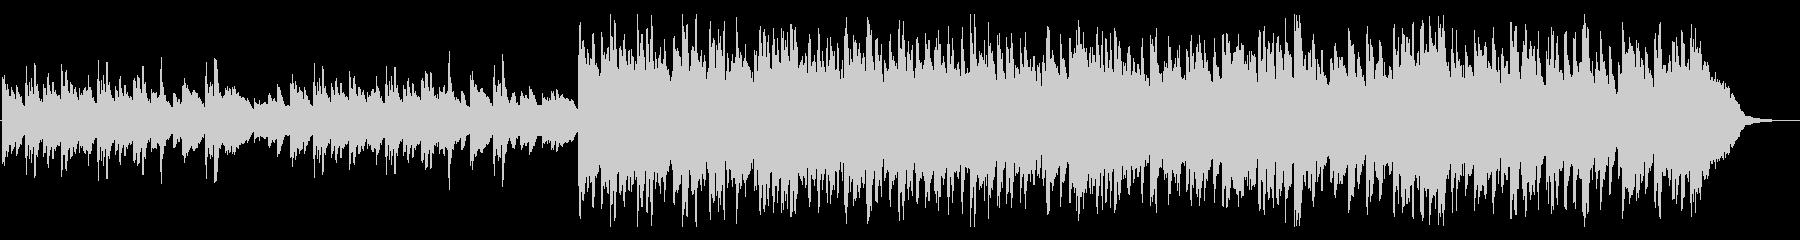 ハープの音色が美しい幻想的なBGMの未再生の波形